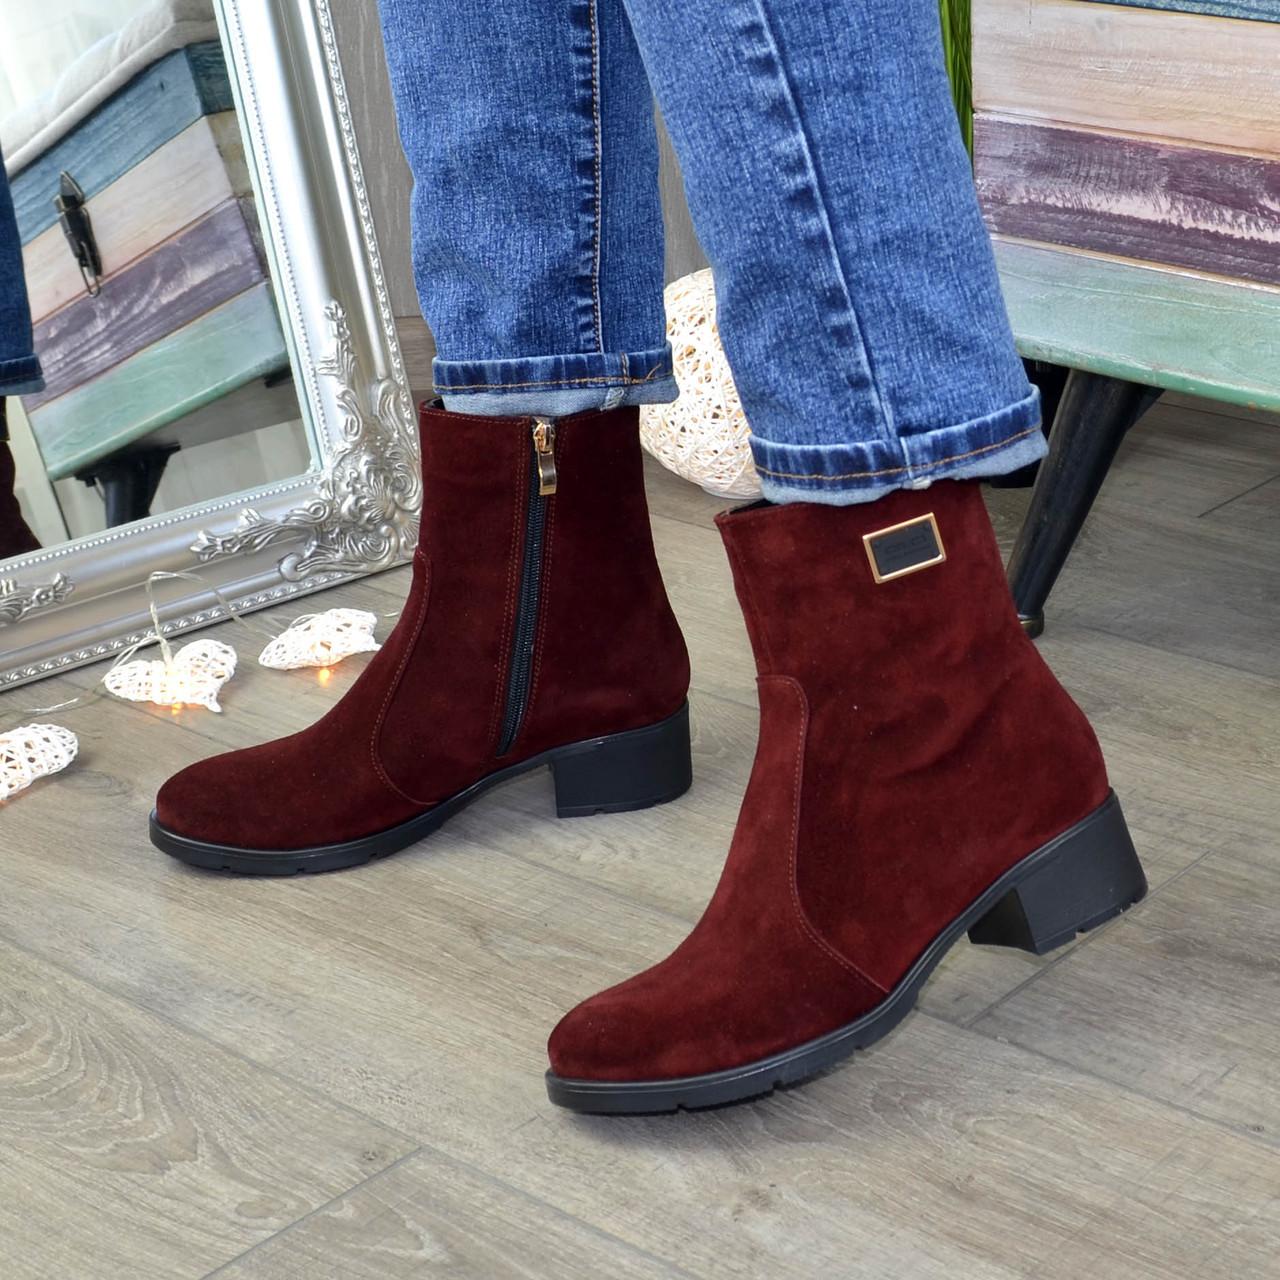 Женские замшевые зимние ботинки на невысоком устойчивом каблуке, декорированы фурнитурой. Цвет бордо.